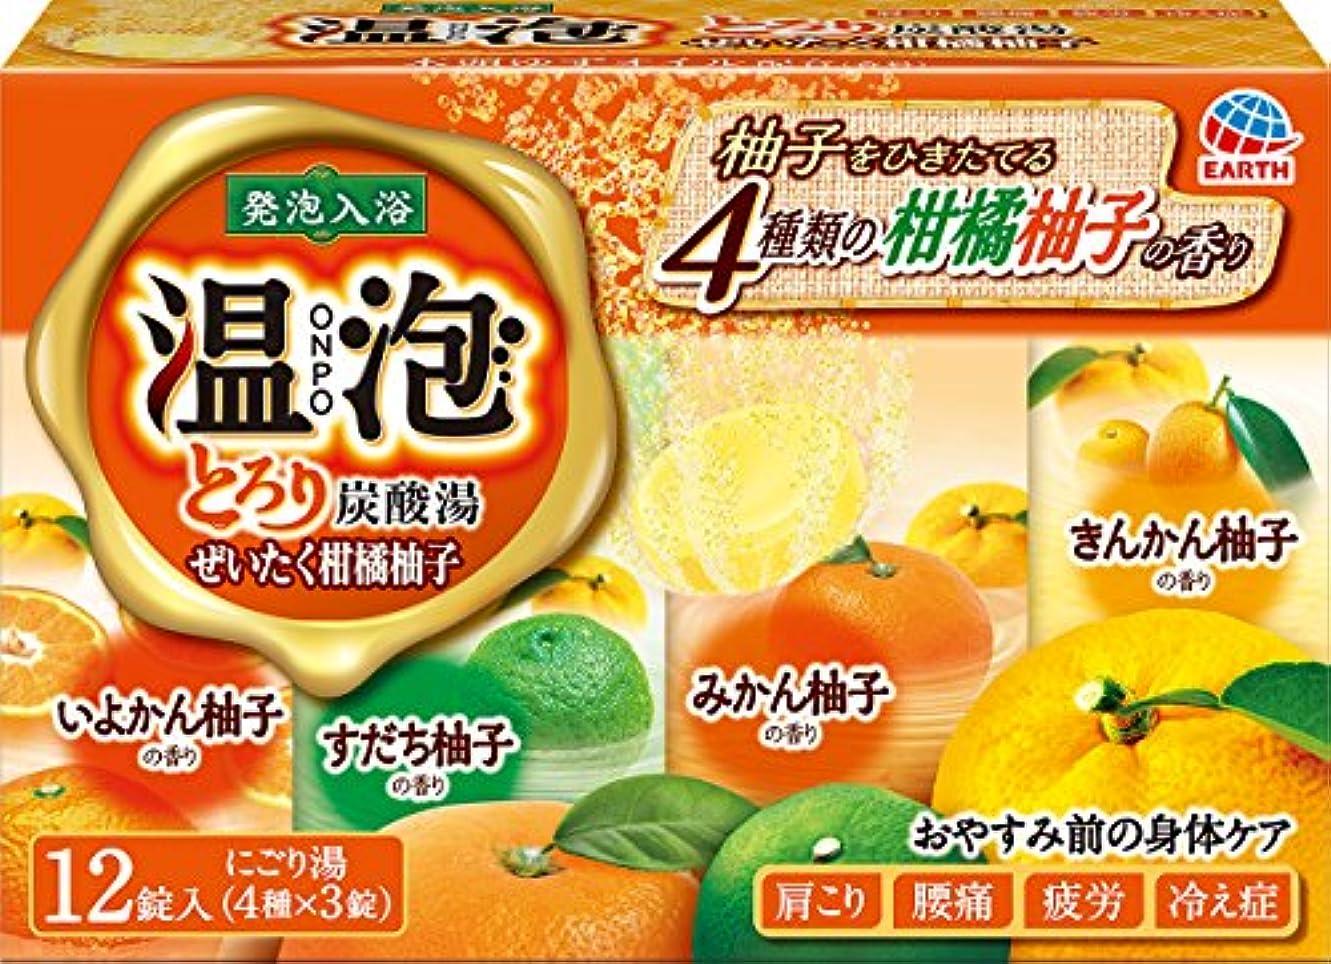 ハチシールそよ風アース製薬 温泡 ONPO とろり炭酸湯 ぜいたく柑橘柚子 入浴剤 12錠入(3錠x4種) [医薬部外品]